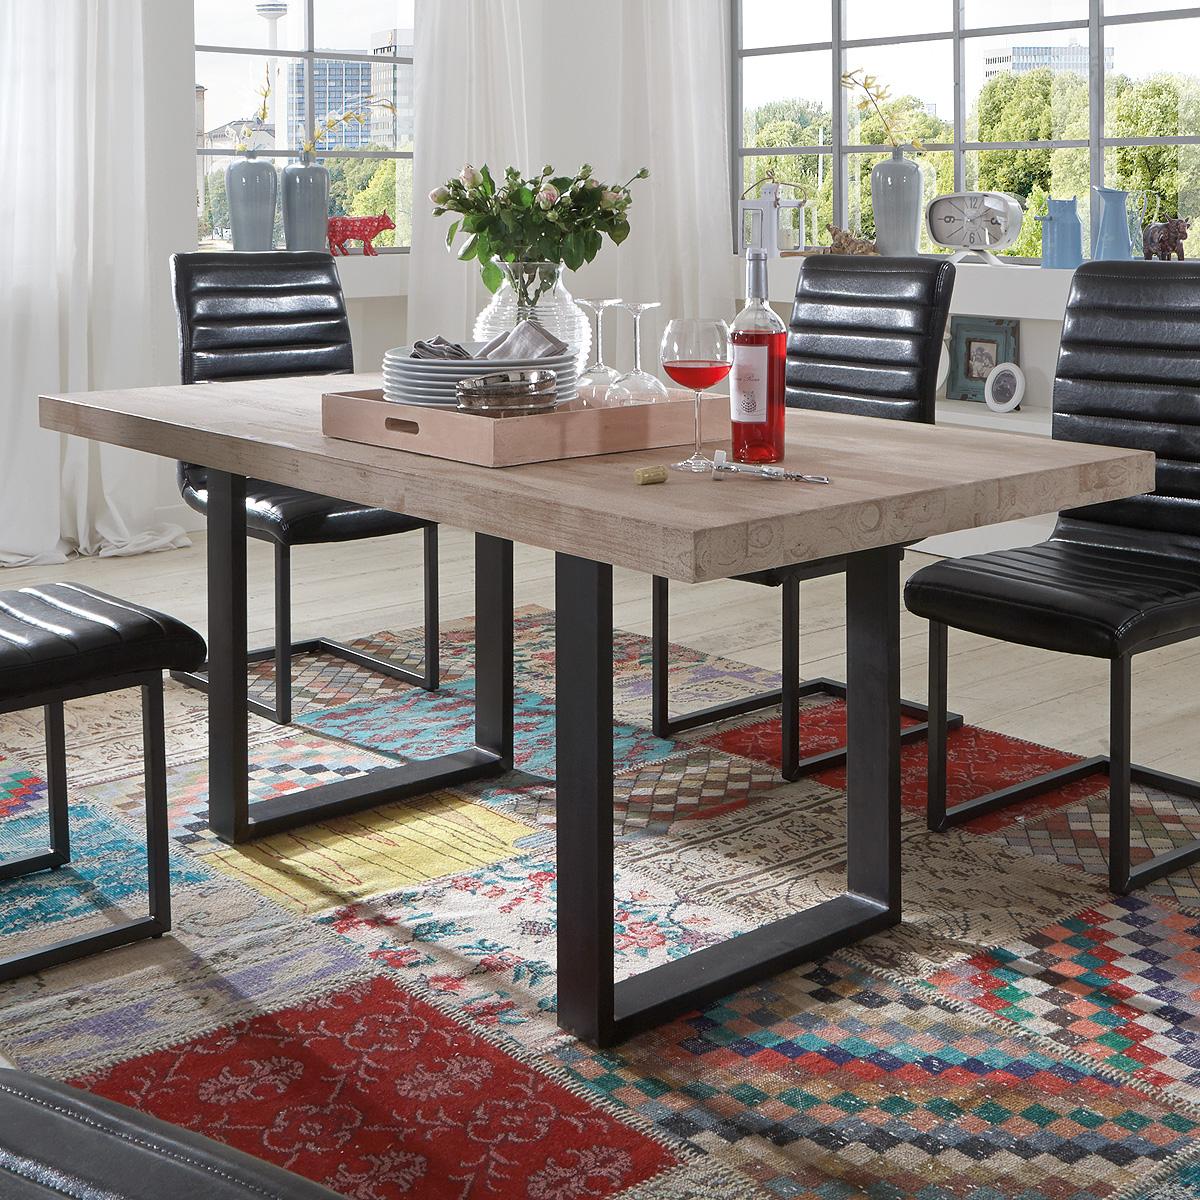 esstisch miami beach esszimmertisch tisch eiche massiv farbe und gr e auswahl ebay. Black Bedroom Furniture Sets. Home Design Ideas